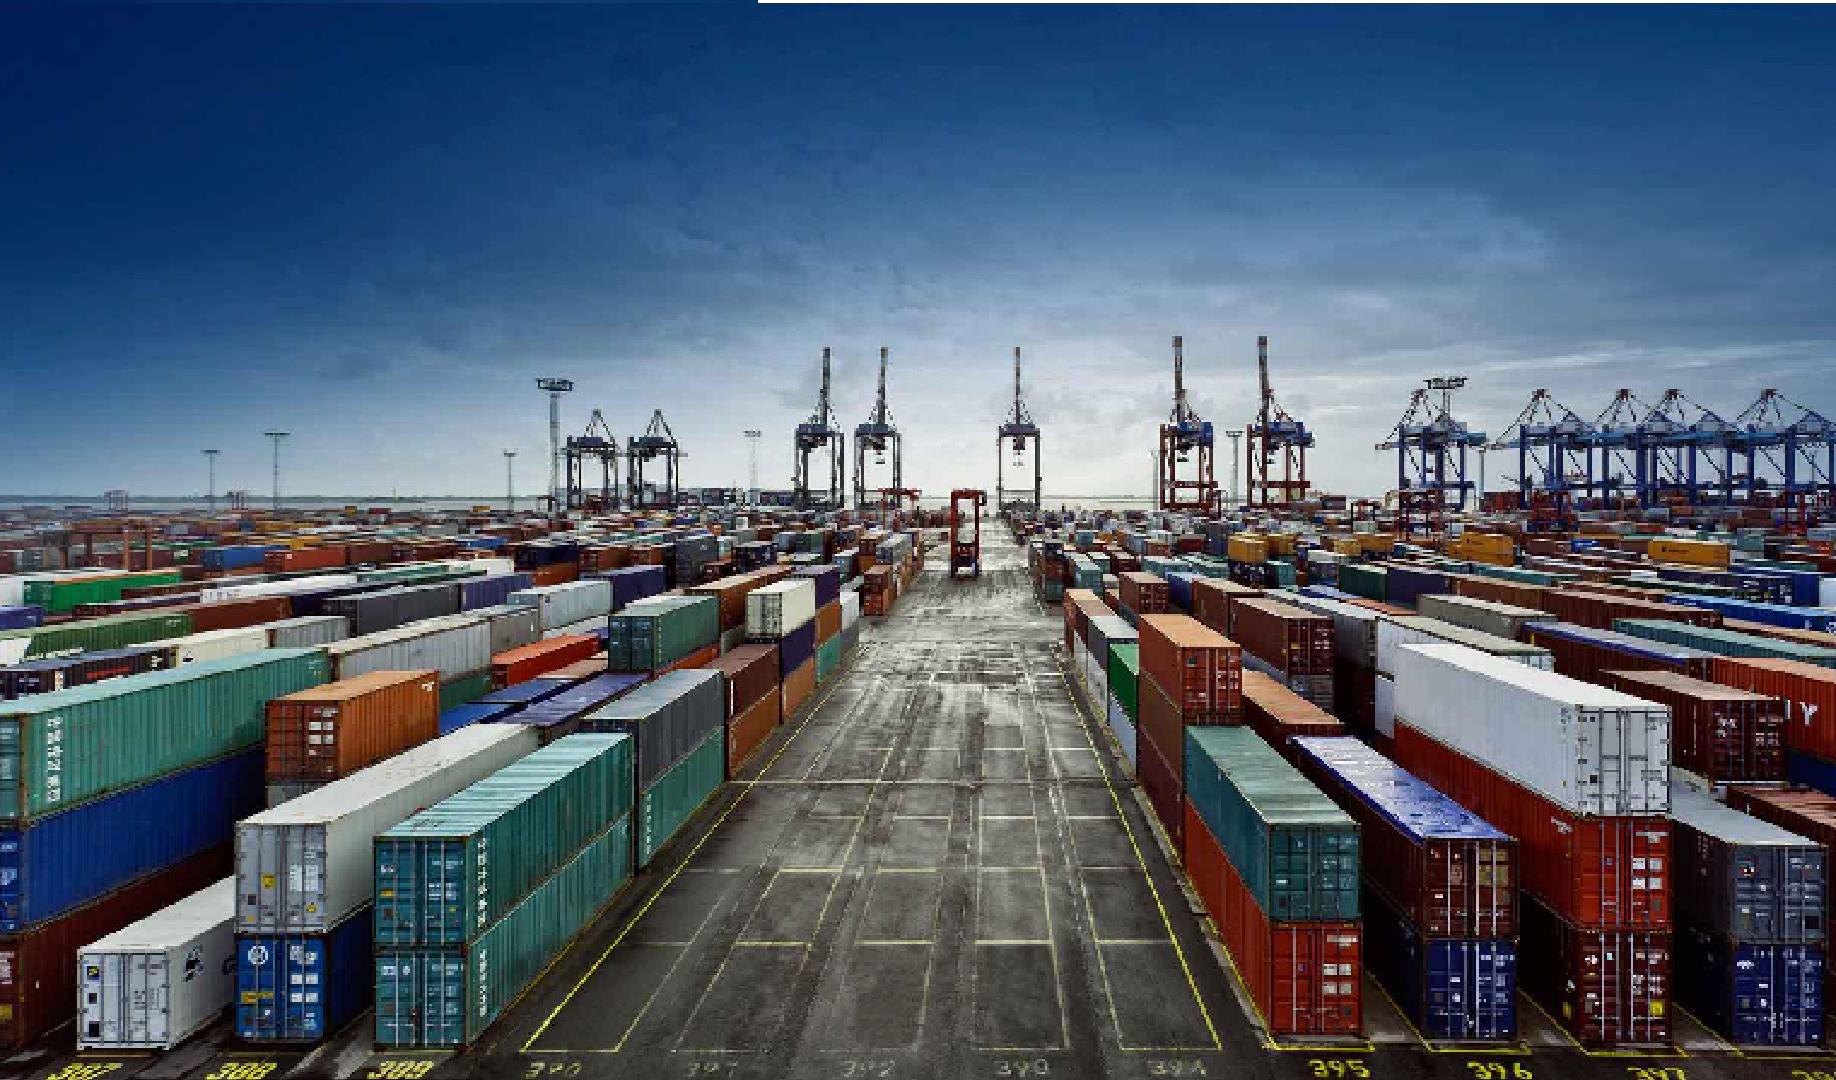 کاهش ۱۹ درصدی ارزش تجارت ایران با ۱+۵ در چهار سال اخیر